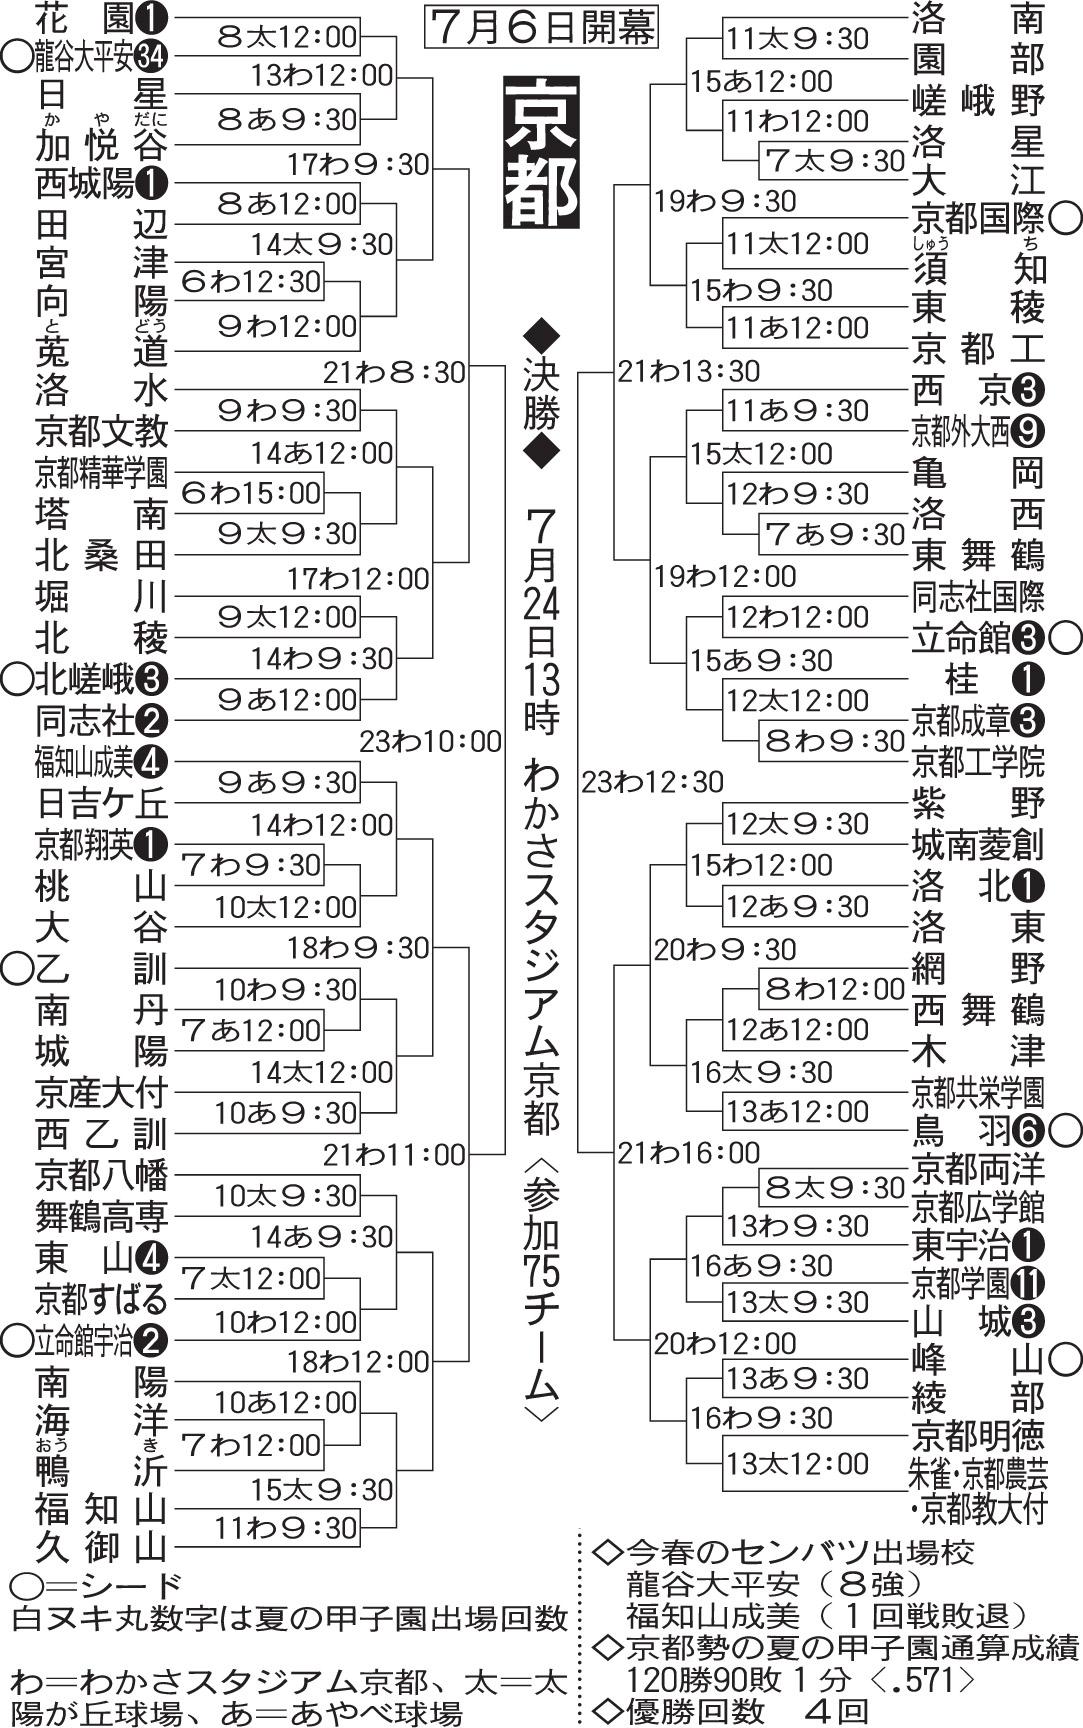 京都大会組み合わせ